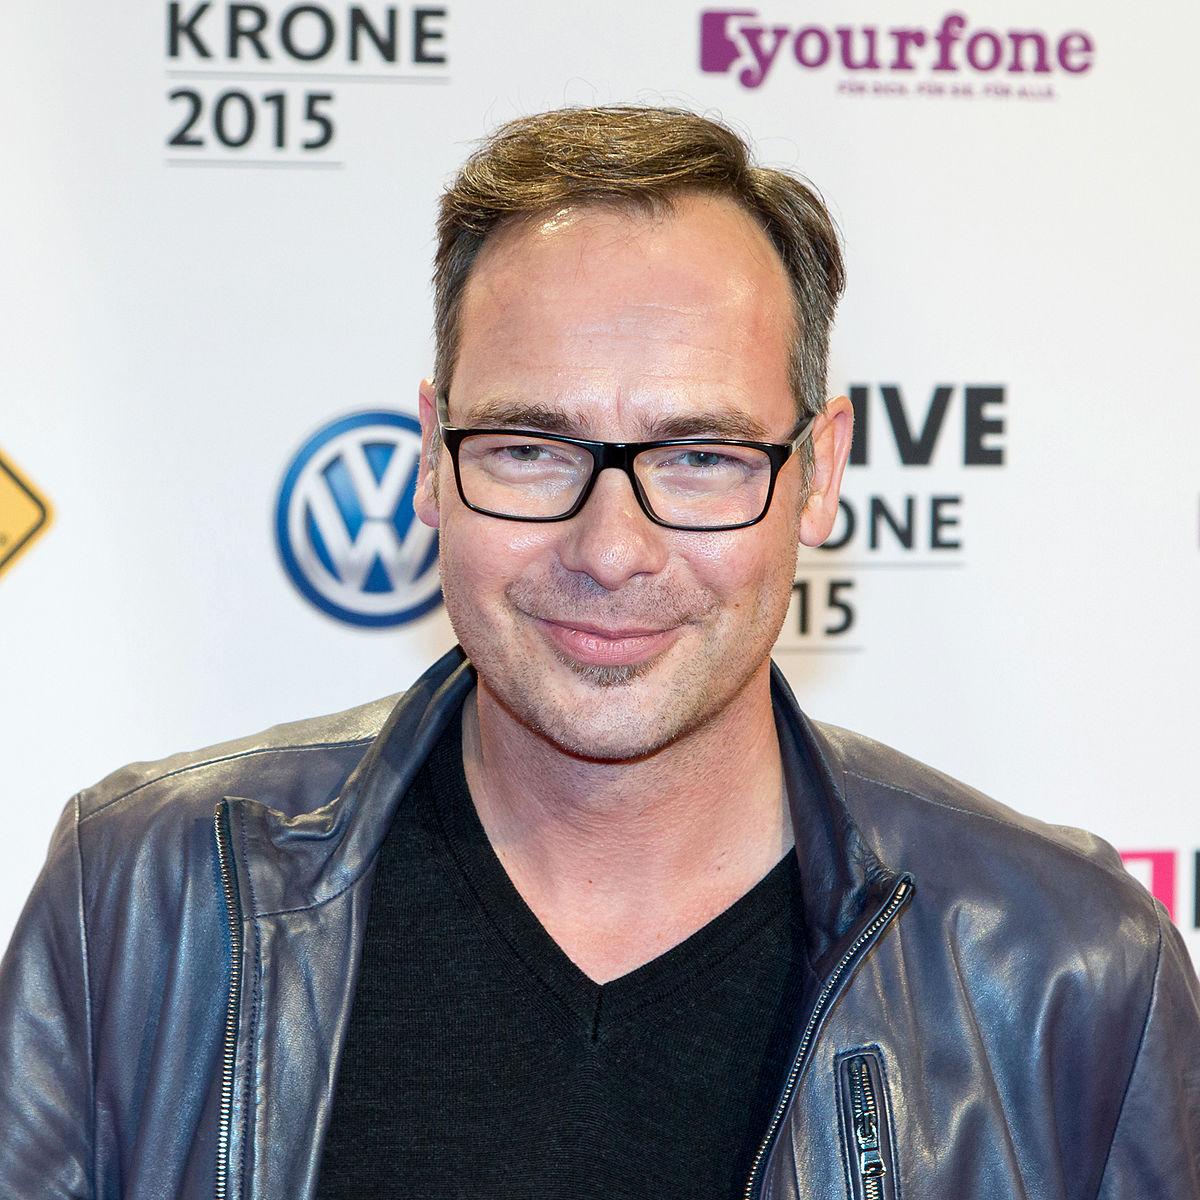 Matthias Opdenhövel